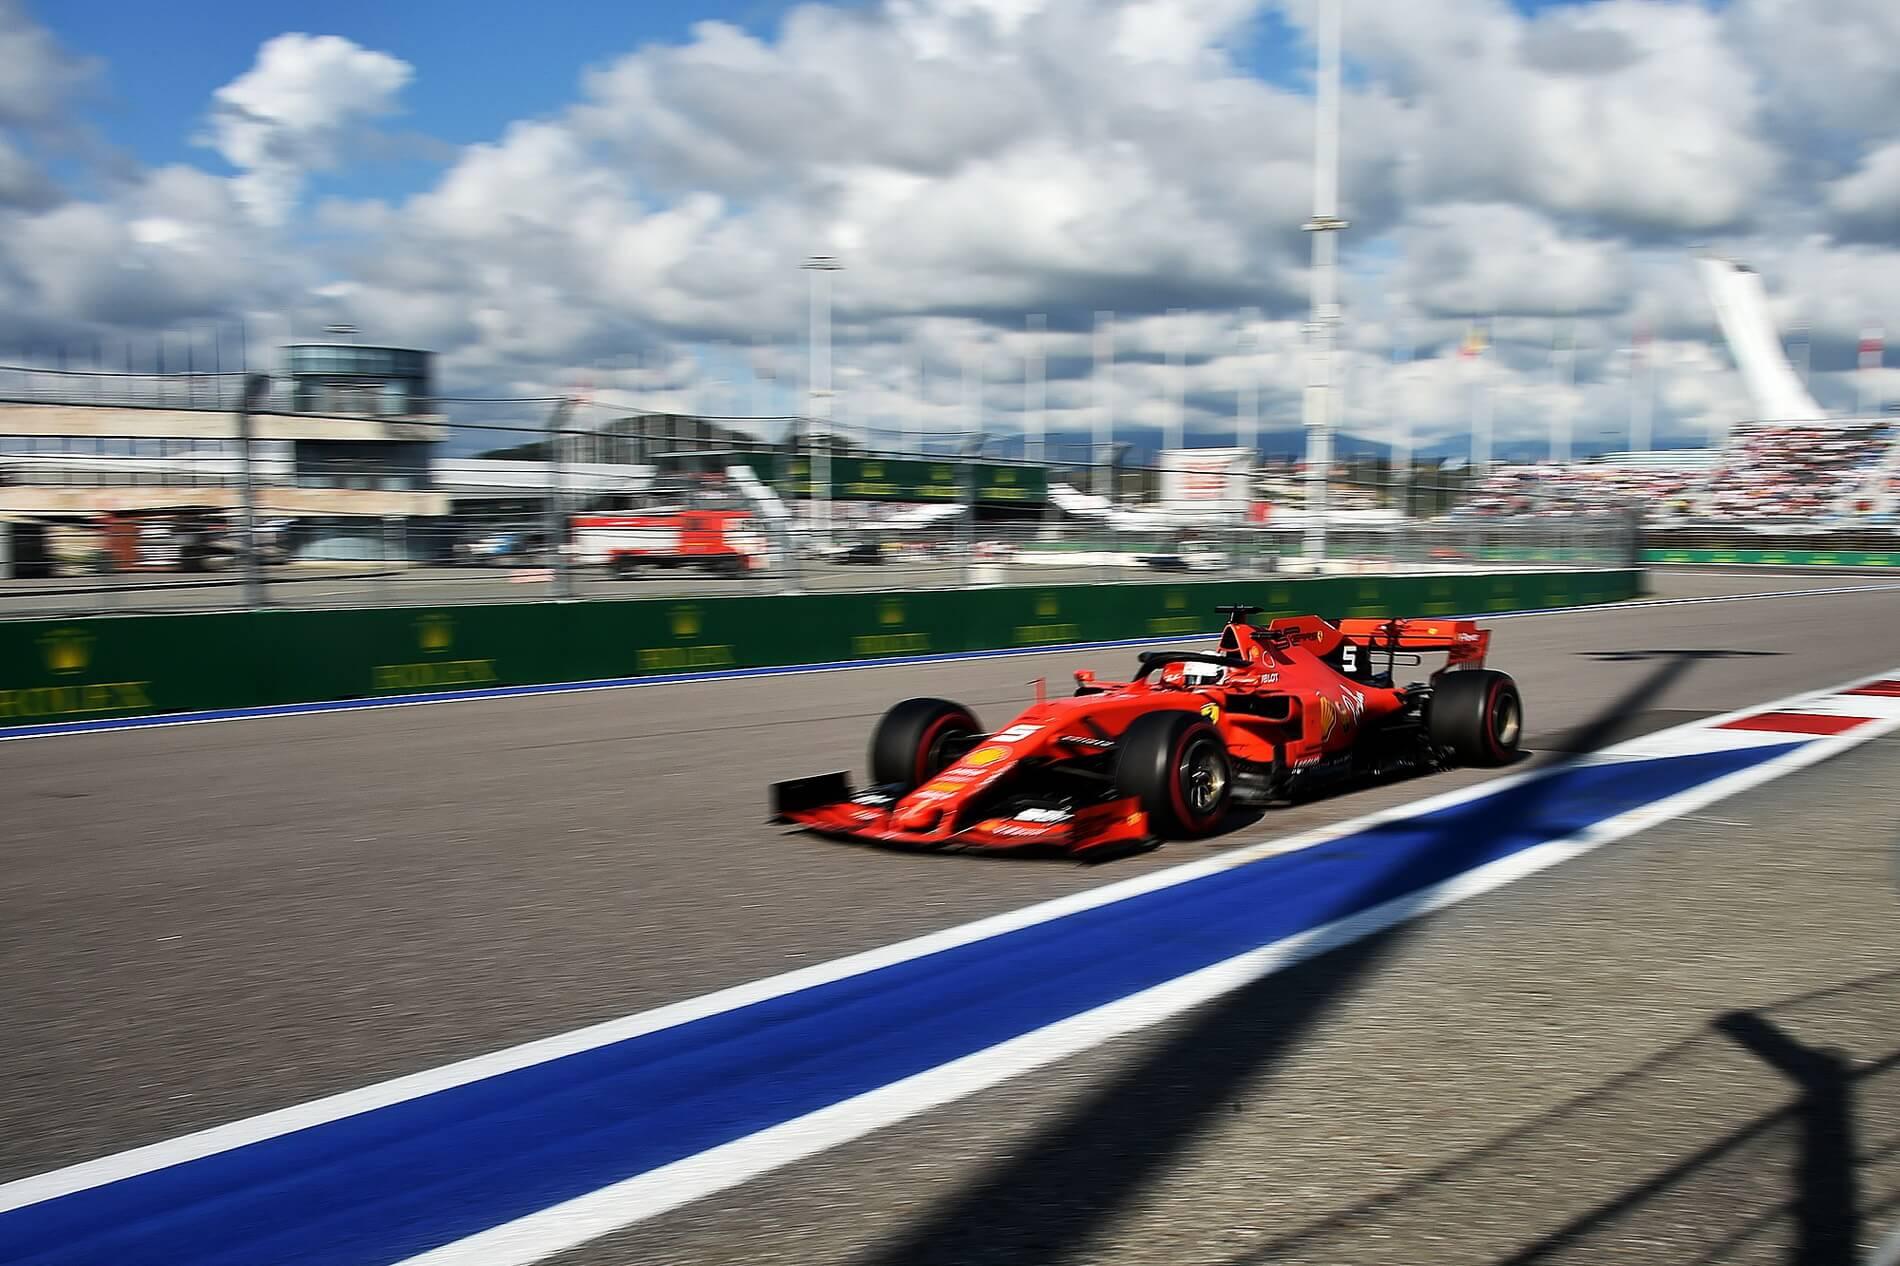 Смотреть онлайн Формула-1. Гран-при США гонка 3 ноября 2019 прямой эфир